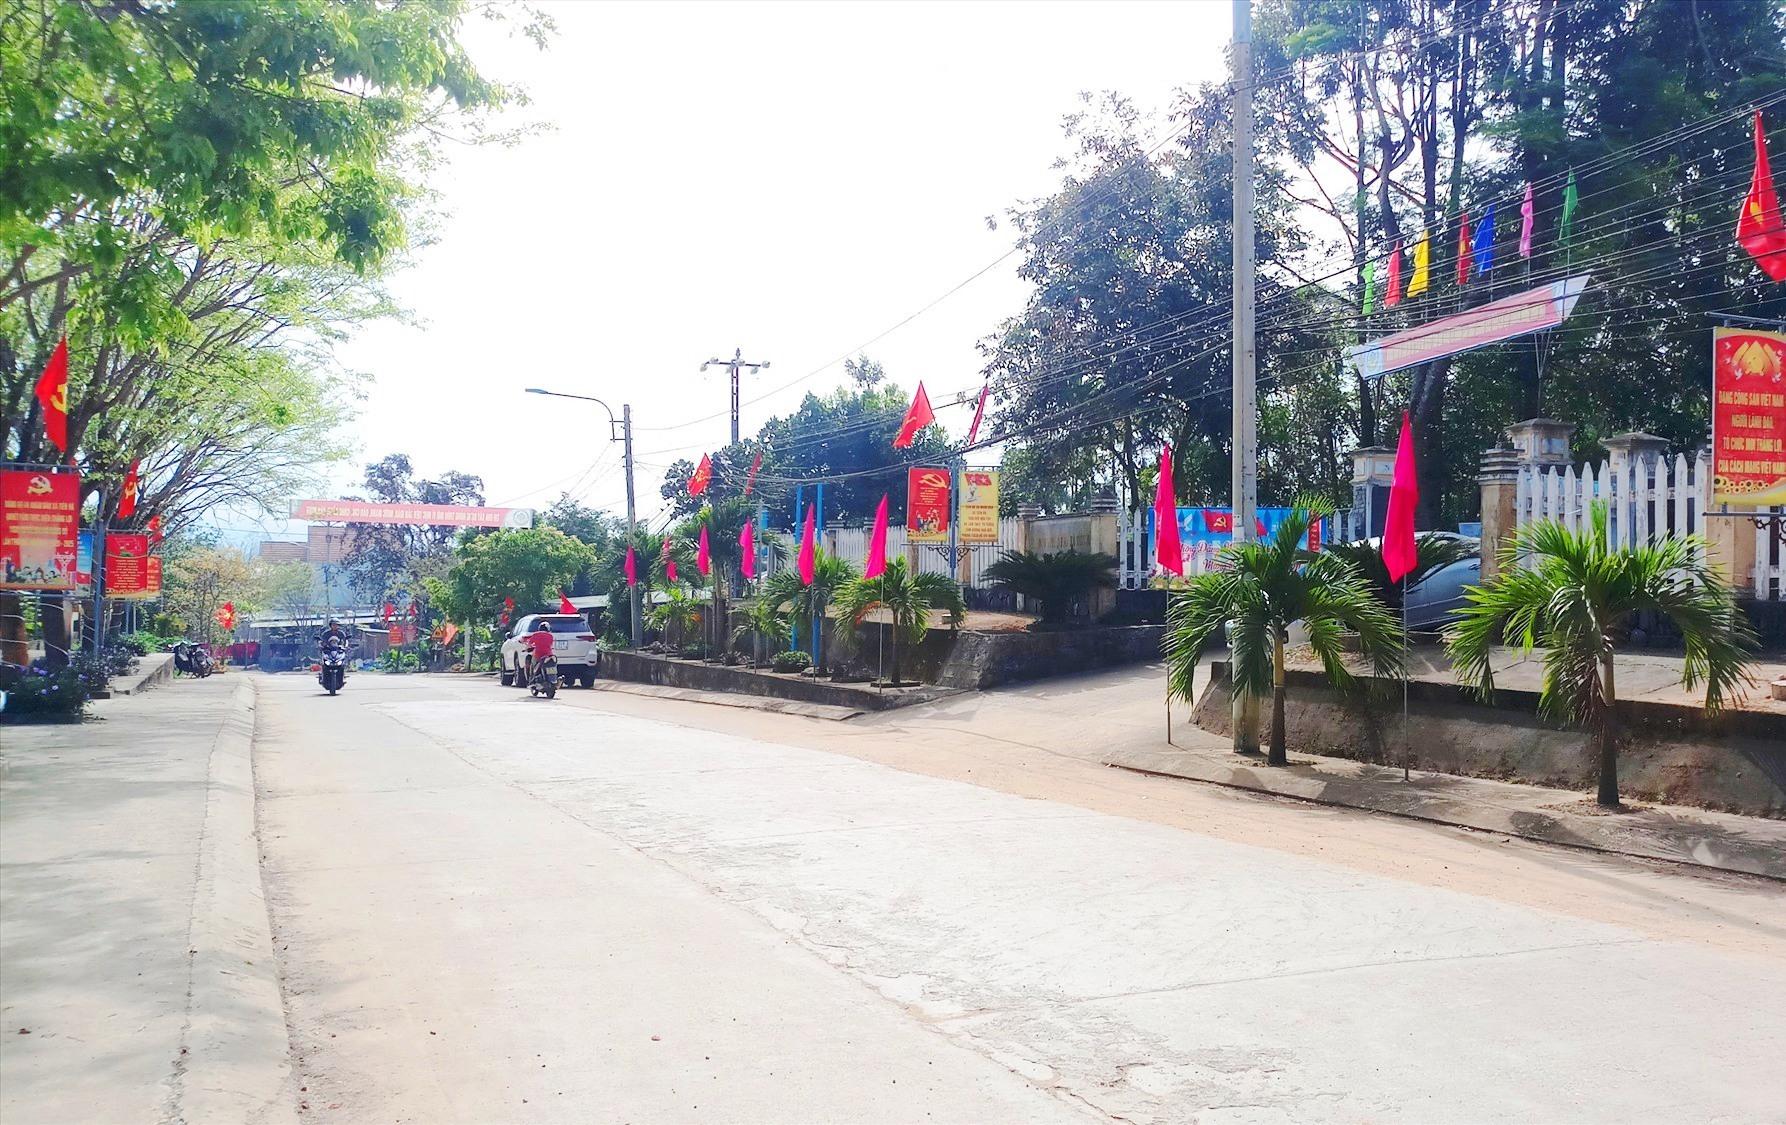 Hệ thống đường giao thông trên địa bàn xã Tiên Hà được đầu tư xây dựng khang trang, sạch đẹp.